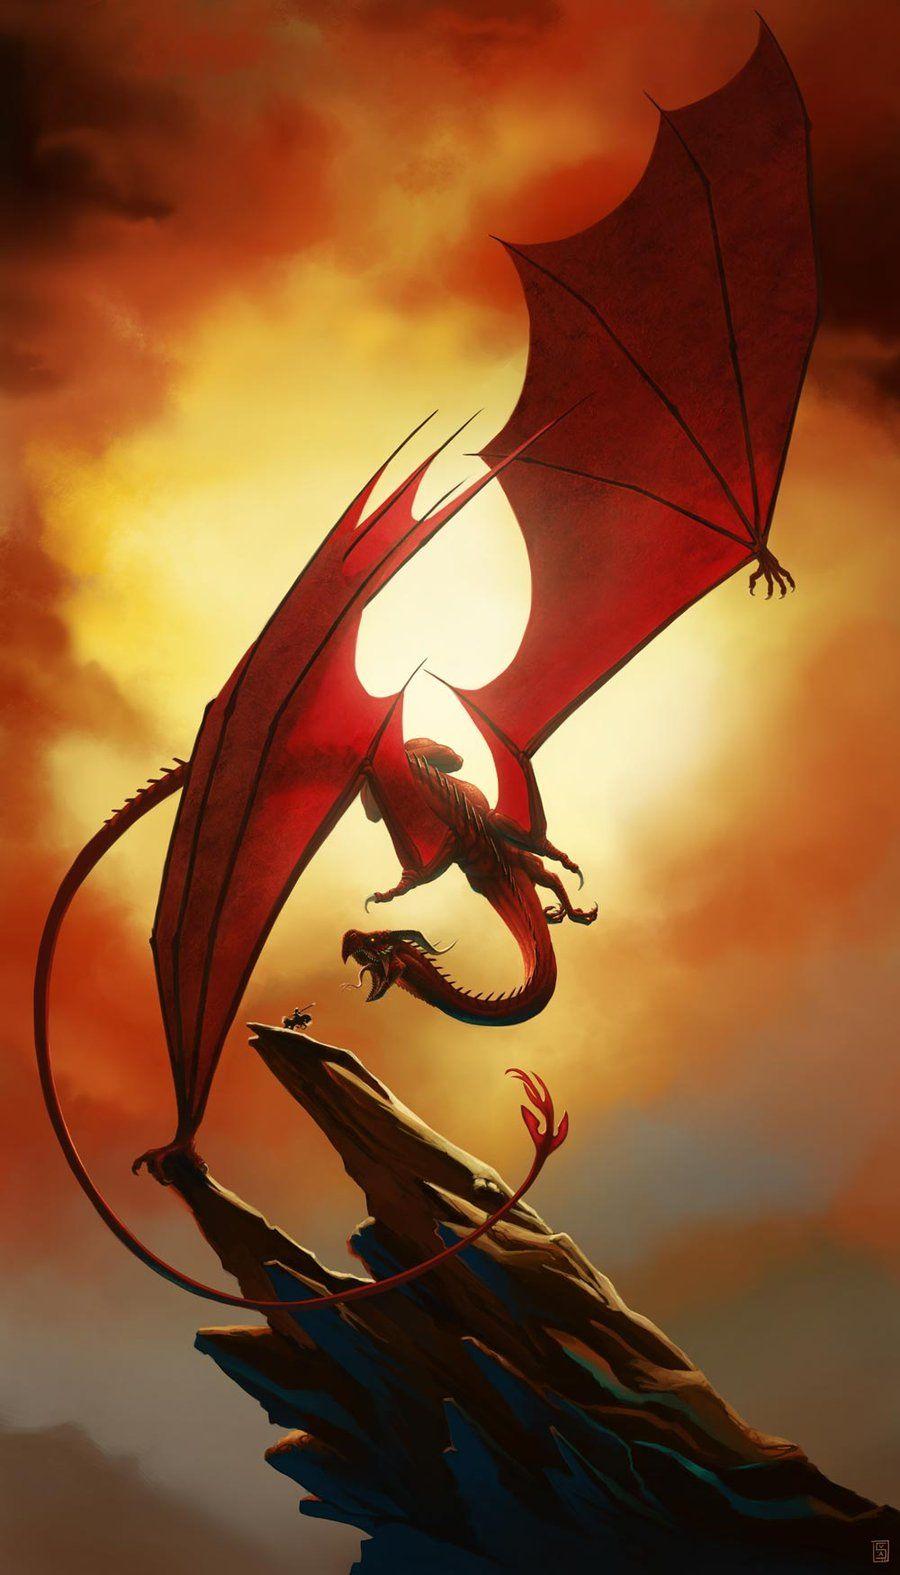 夕日の綺麗な空に映える赤いドラゴンの壁紙